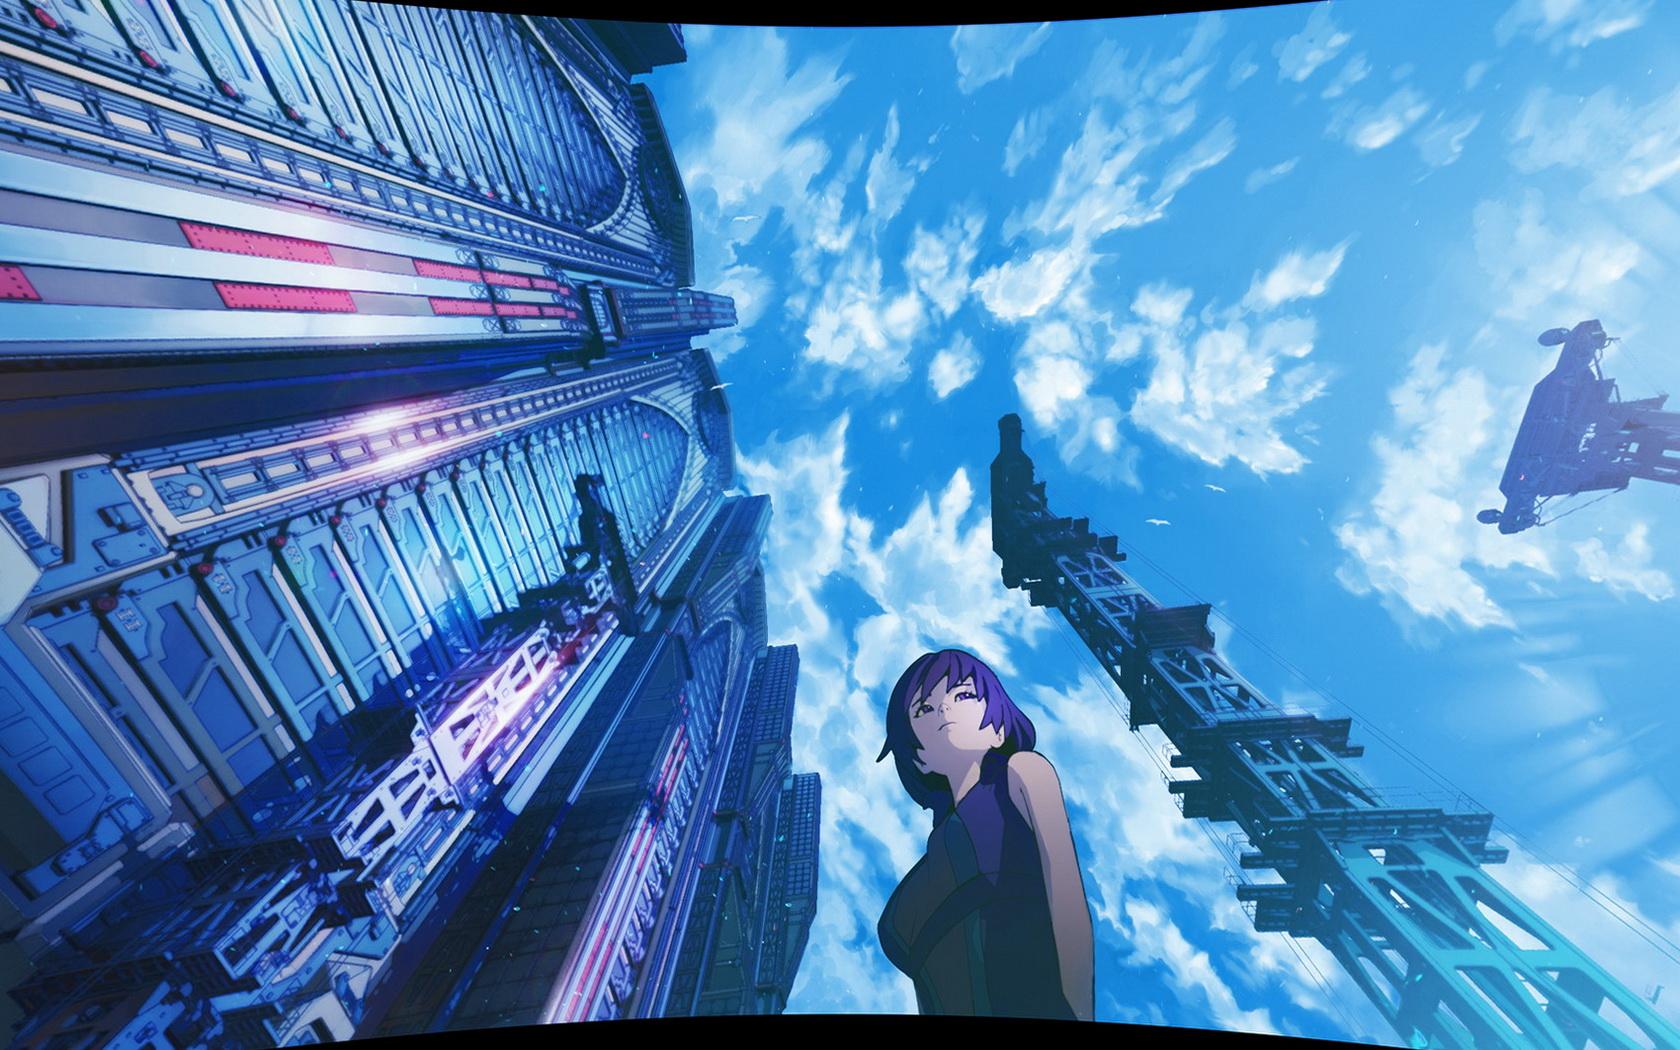 Beautiful Anime Wallpaper - WallpaperSafari